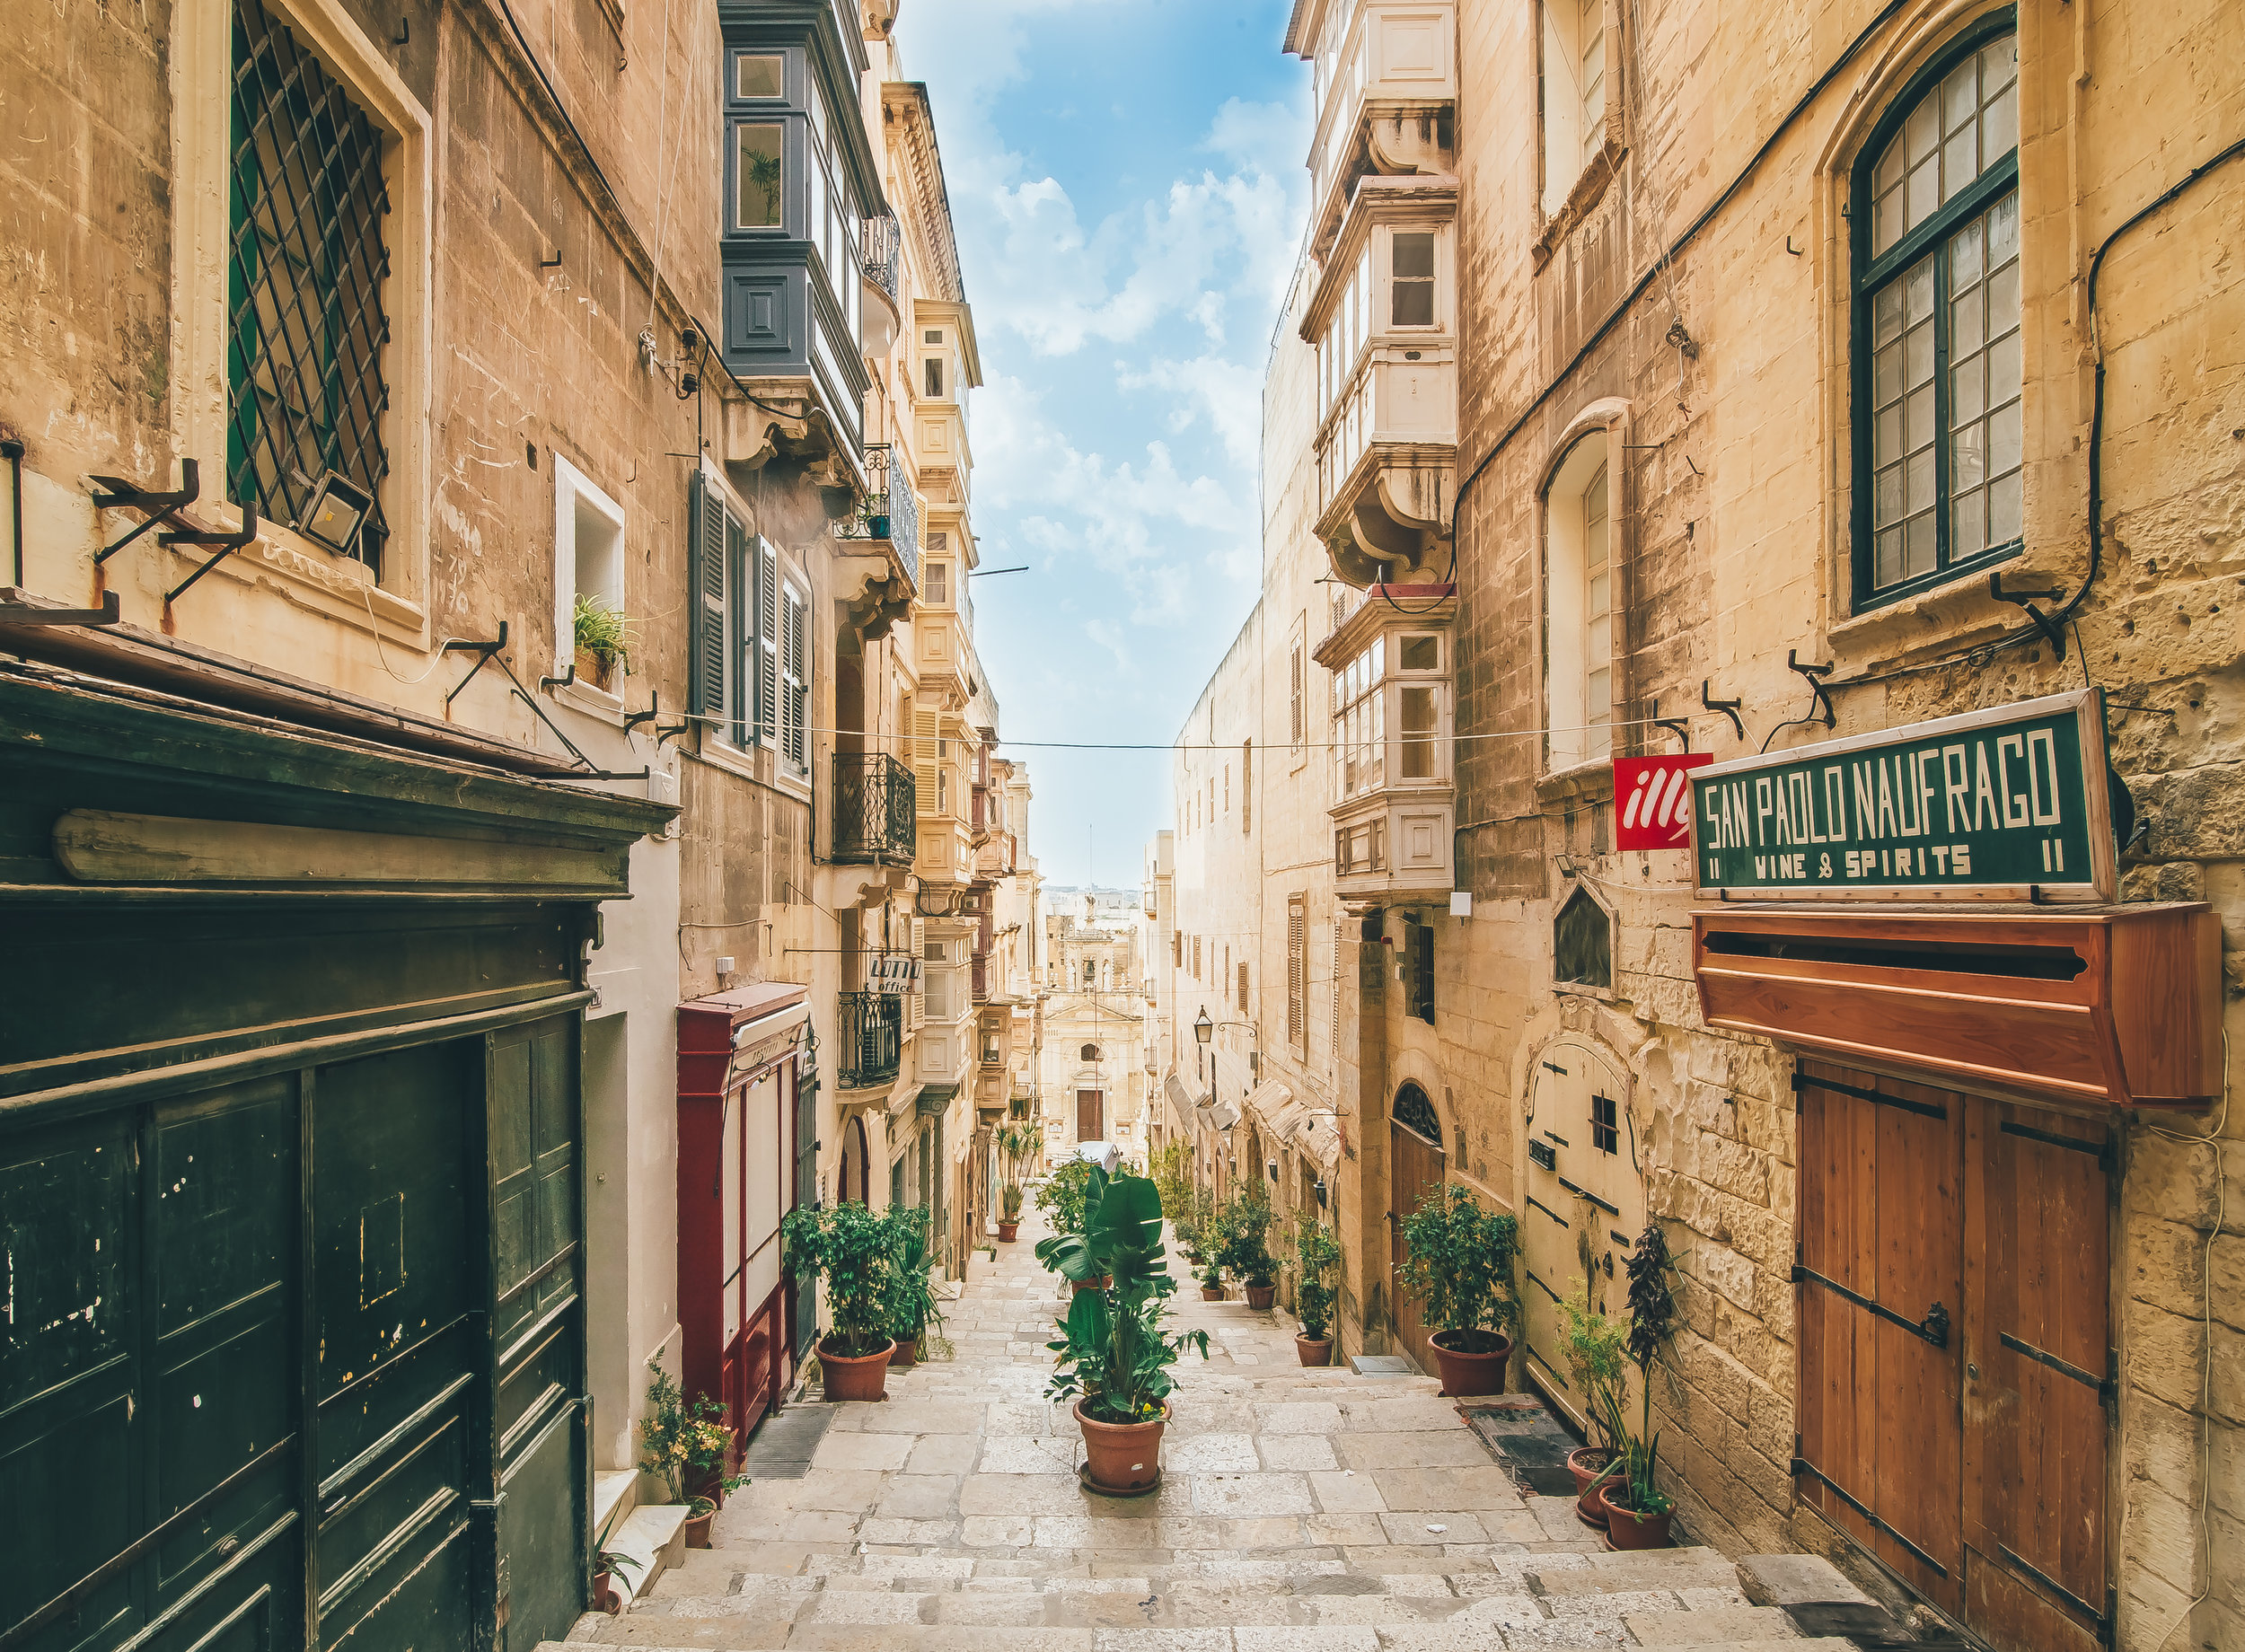 Bezauberndes Malta - 29.04. - 02.05.2019 | 4 Tage FlugreiseDie Nähe zu Italien und dessen kulturelle Einflüsse sowie die britische Kolonialzeit haben Malta geprägt. Es werden Ihnen immer wieder beeindrucken- de Zeugnisse der über 7000-jährigen Geschichte begegnen. Steinzeitliche Kultbauten, mittelalterliche Befestigungen, Kirchen und Paläste aus der Zeit des Johanniterordens: es lohnt sich Malta zu entdecken. Eine zentrale Stellung nimmt die Insel im Mittelmeer ein – als Brückenkopf zwischen Europa und Afrika und mit fast gleicher Entfernung nach Gibraltar und dem Libanon.